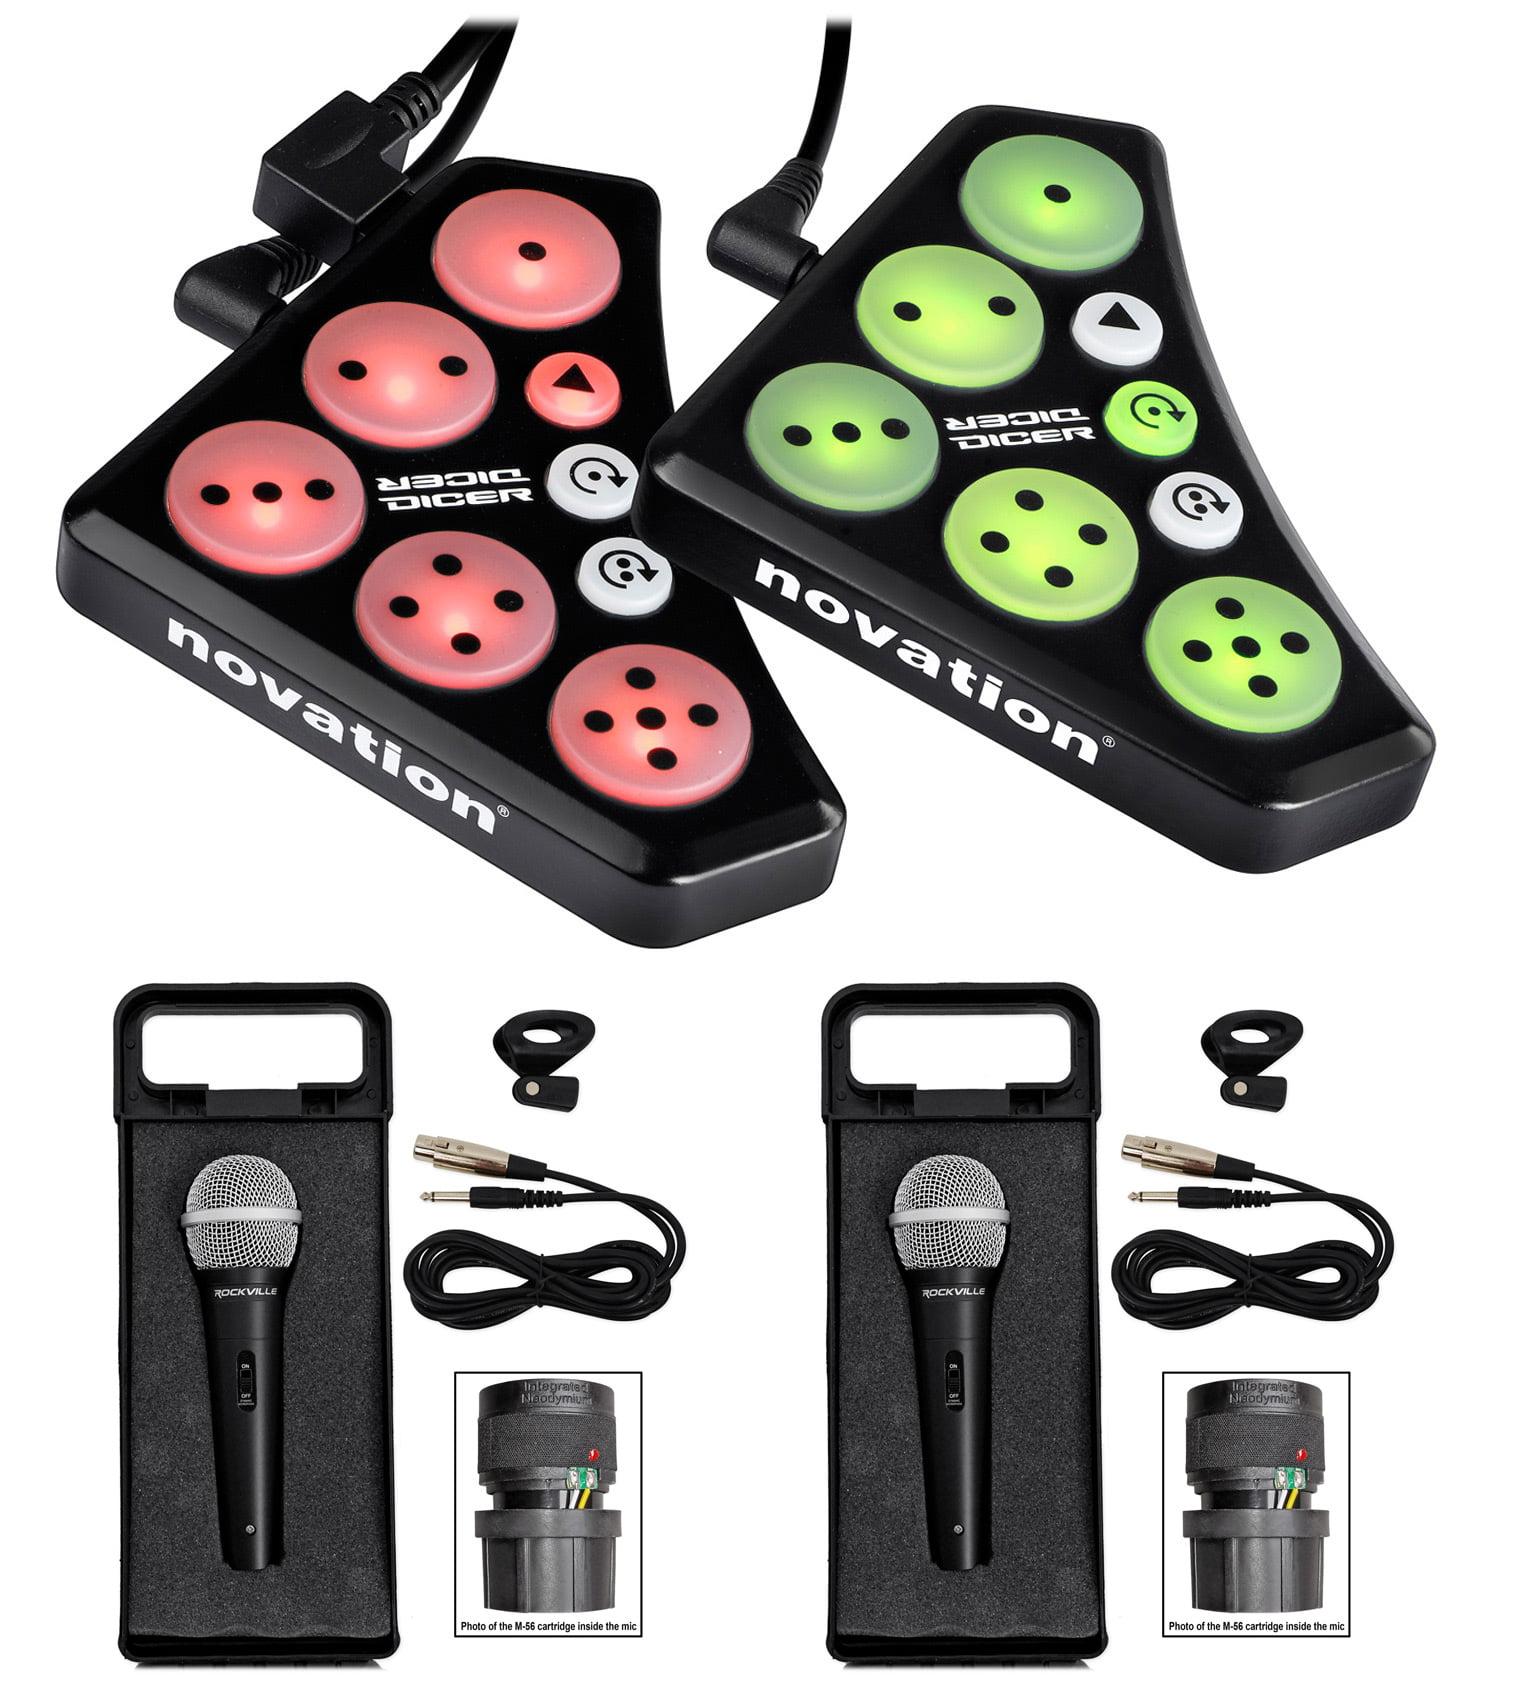 Novation DICER USB Digital Cue Point Serato Traktor MIDI DJ Controller+(2) Mics by NOVATION